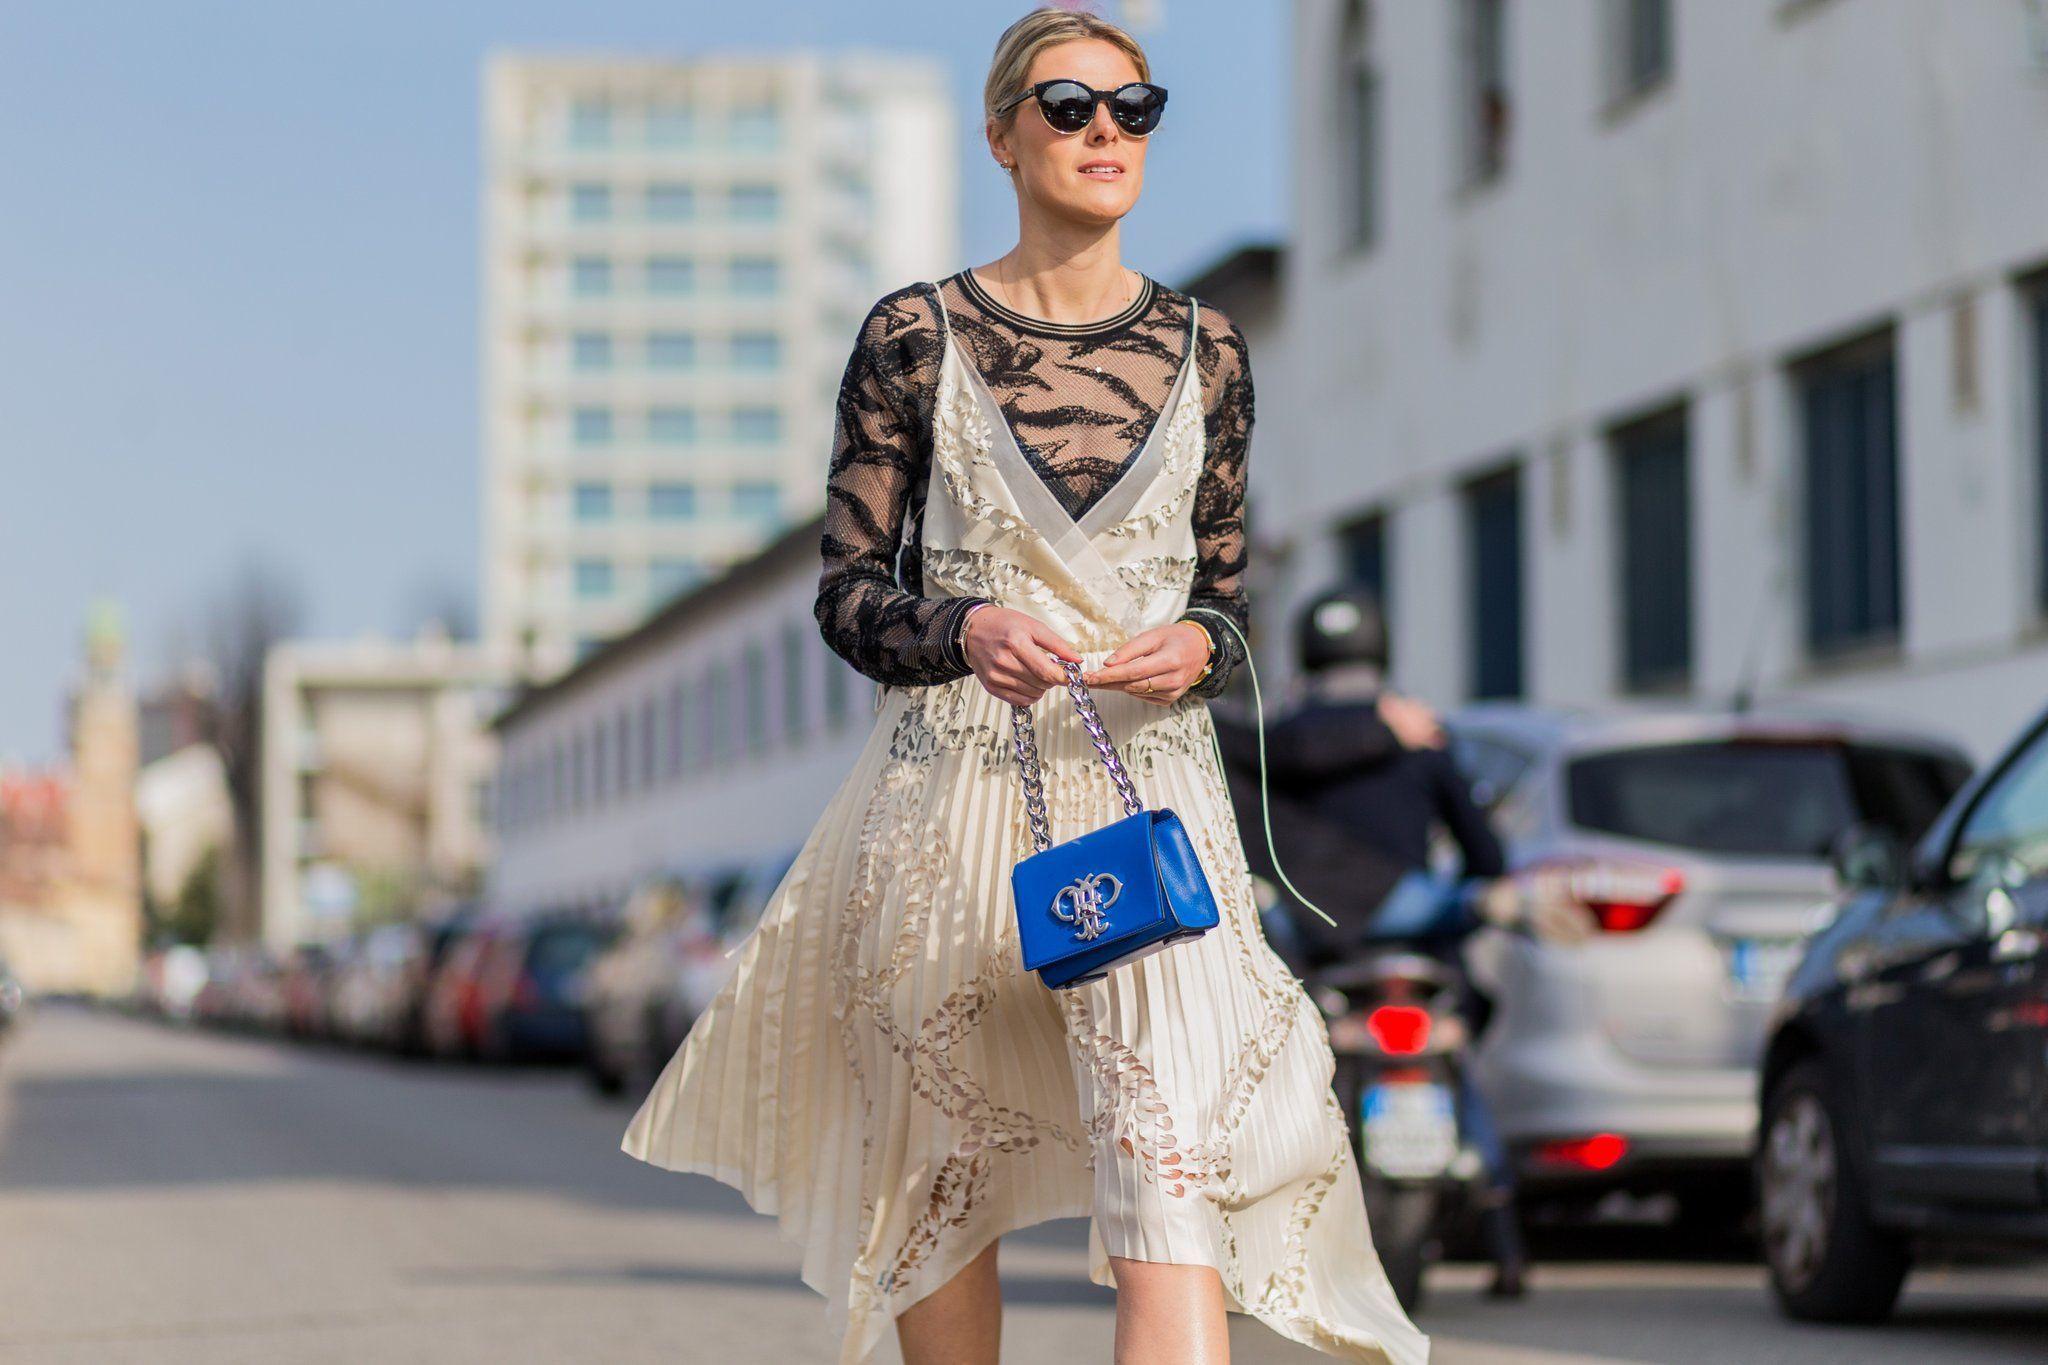 Tips Mengenakan Baju Sheer yang Sopan